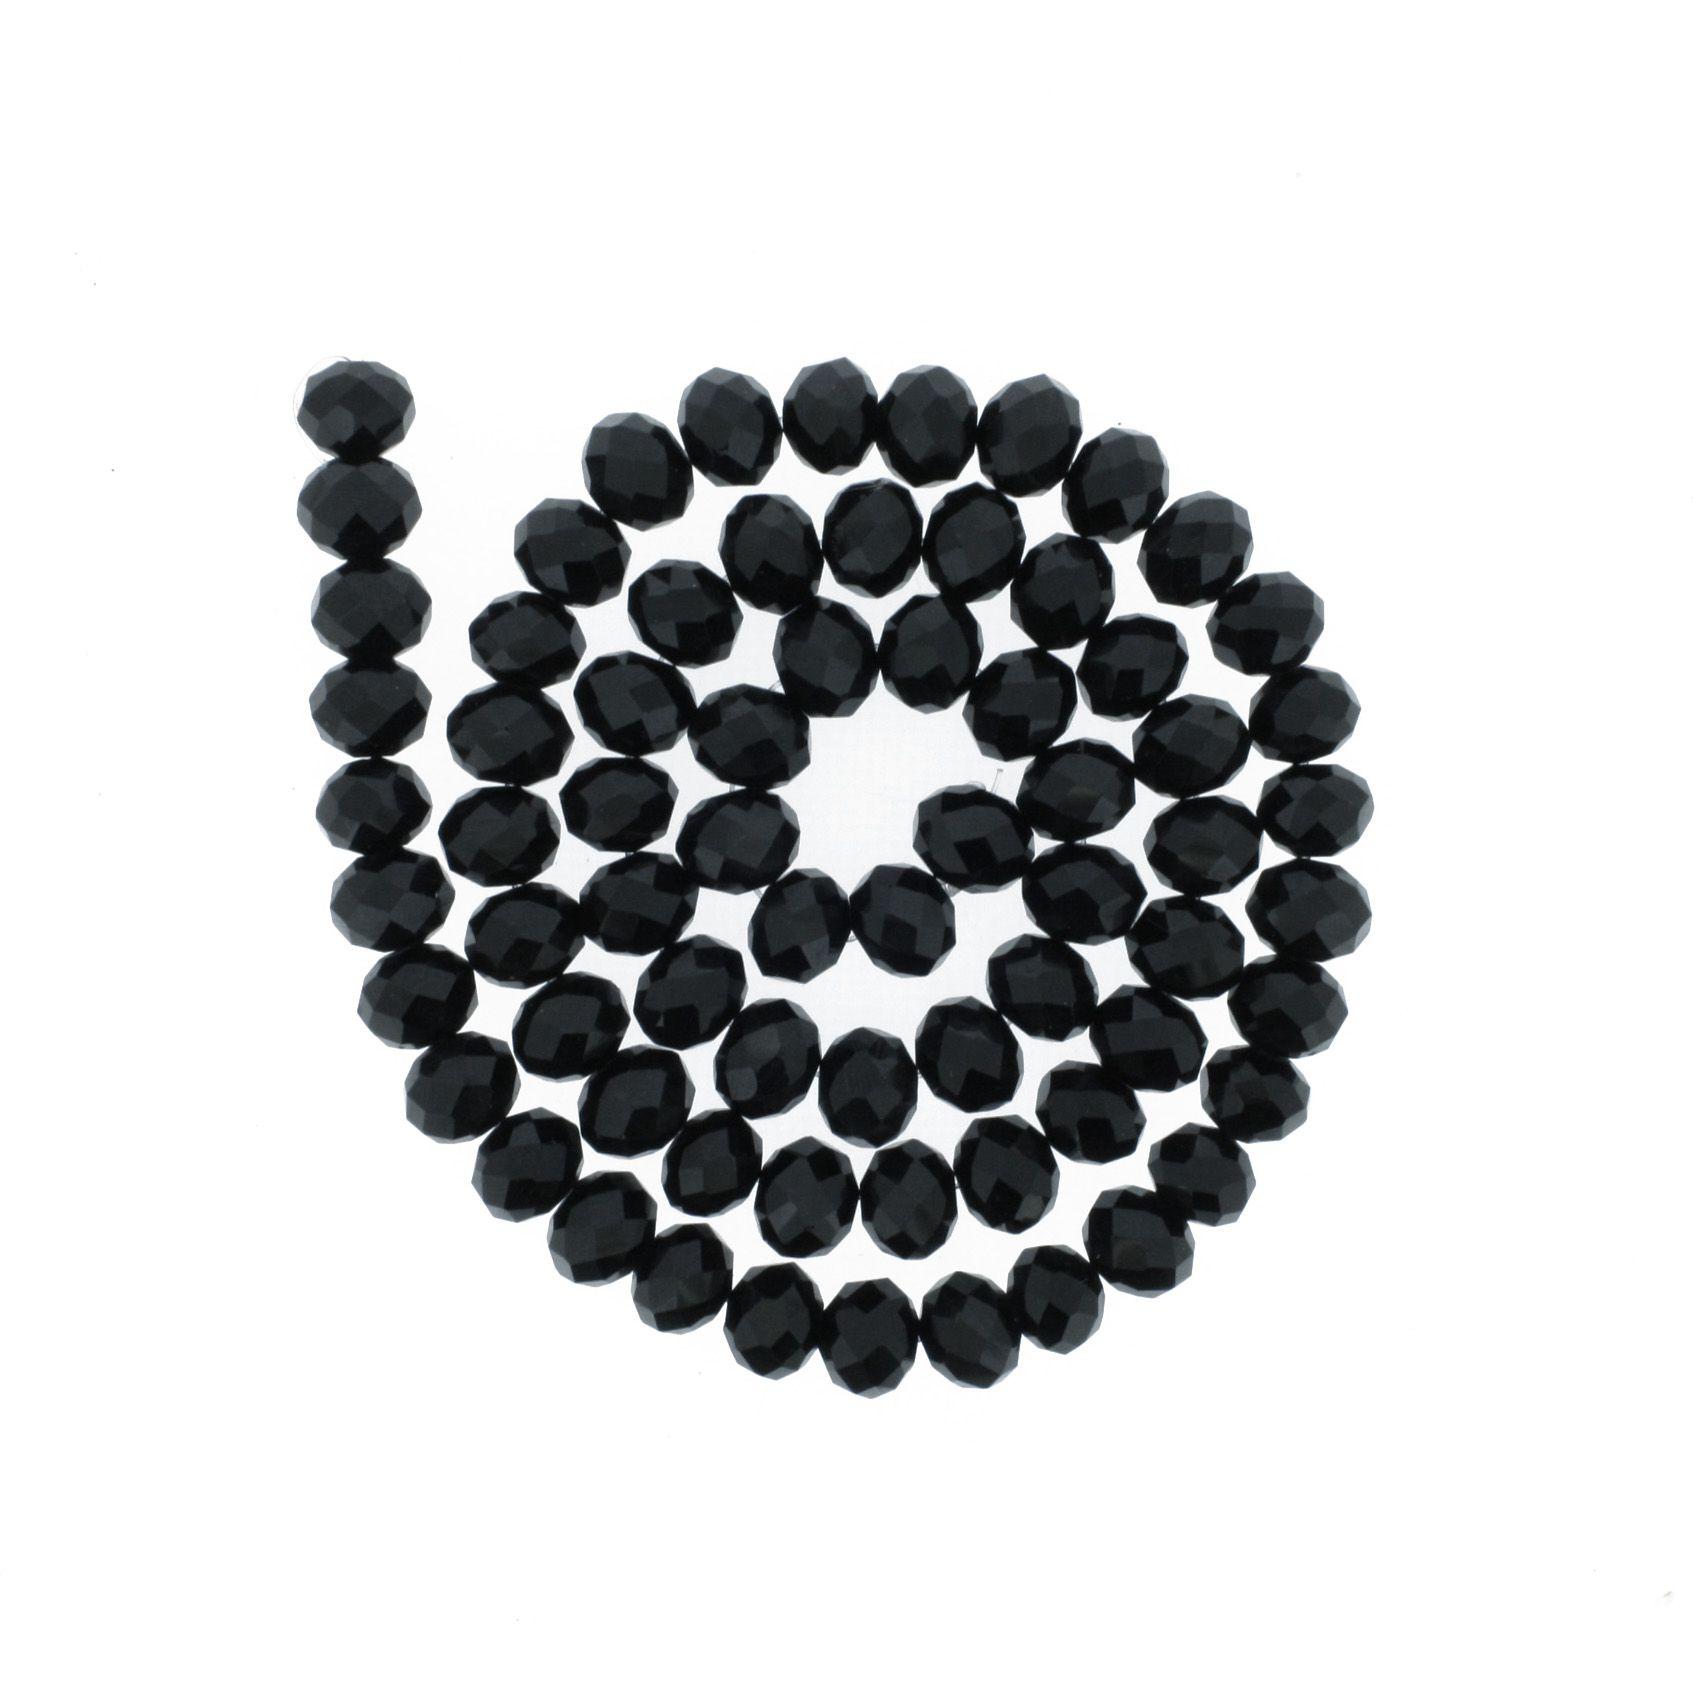 Fio de Cristal - Piatto® - Preto - 10mm  - Universo Religioso® - Artigos de Umbanda e Candomblé